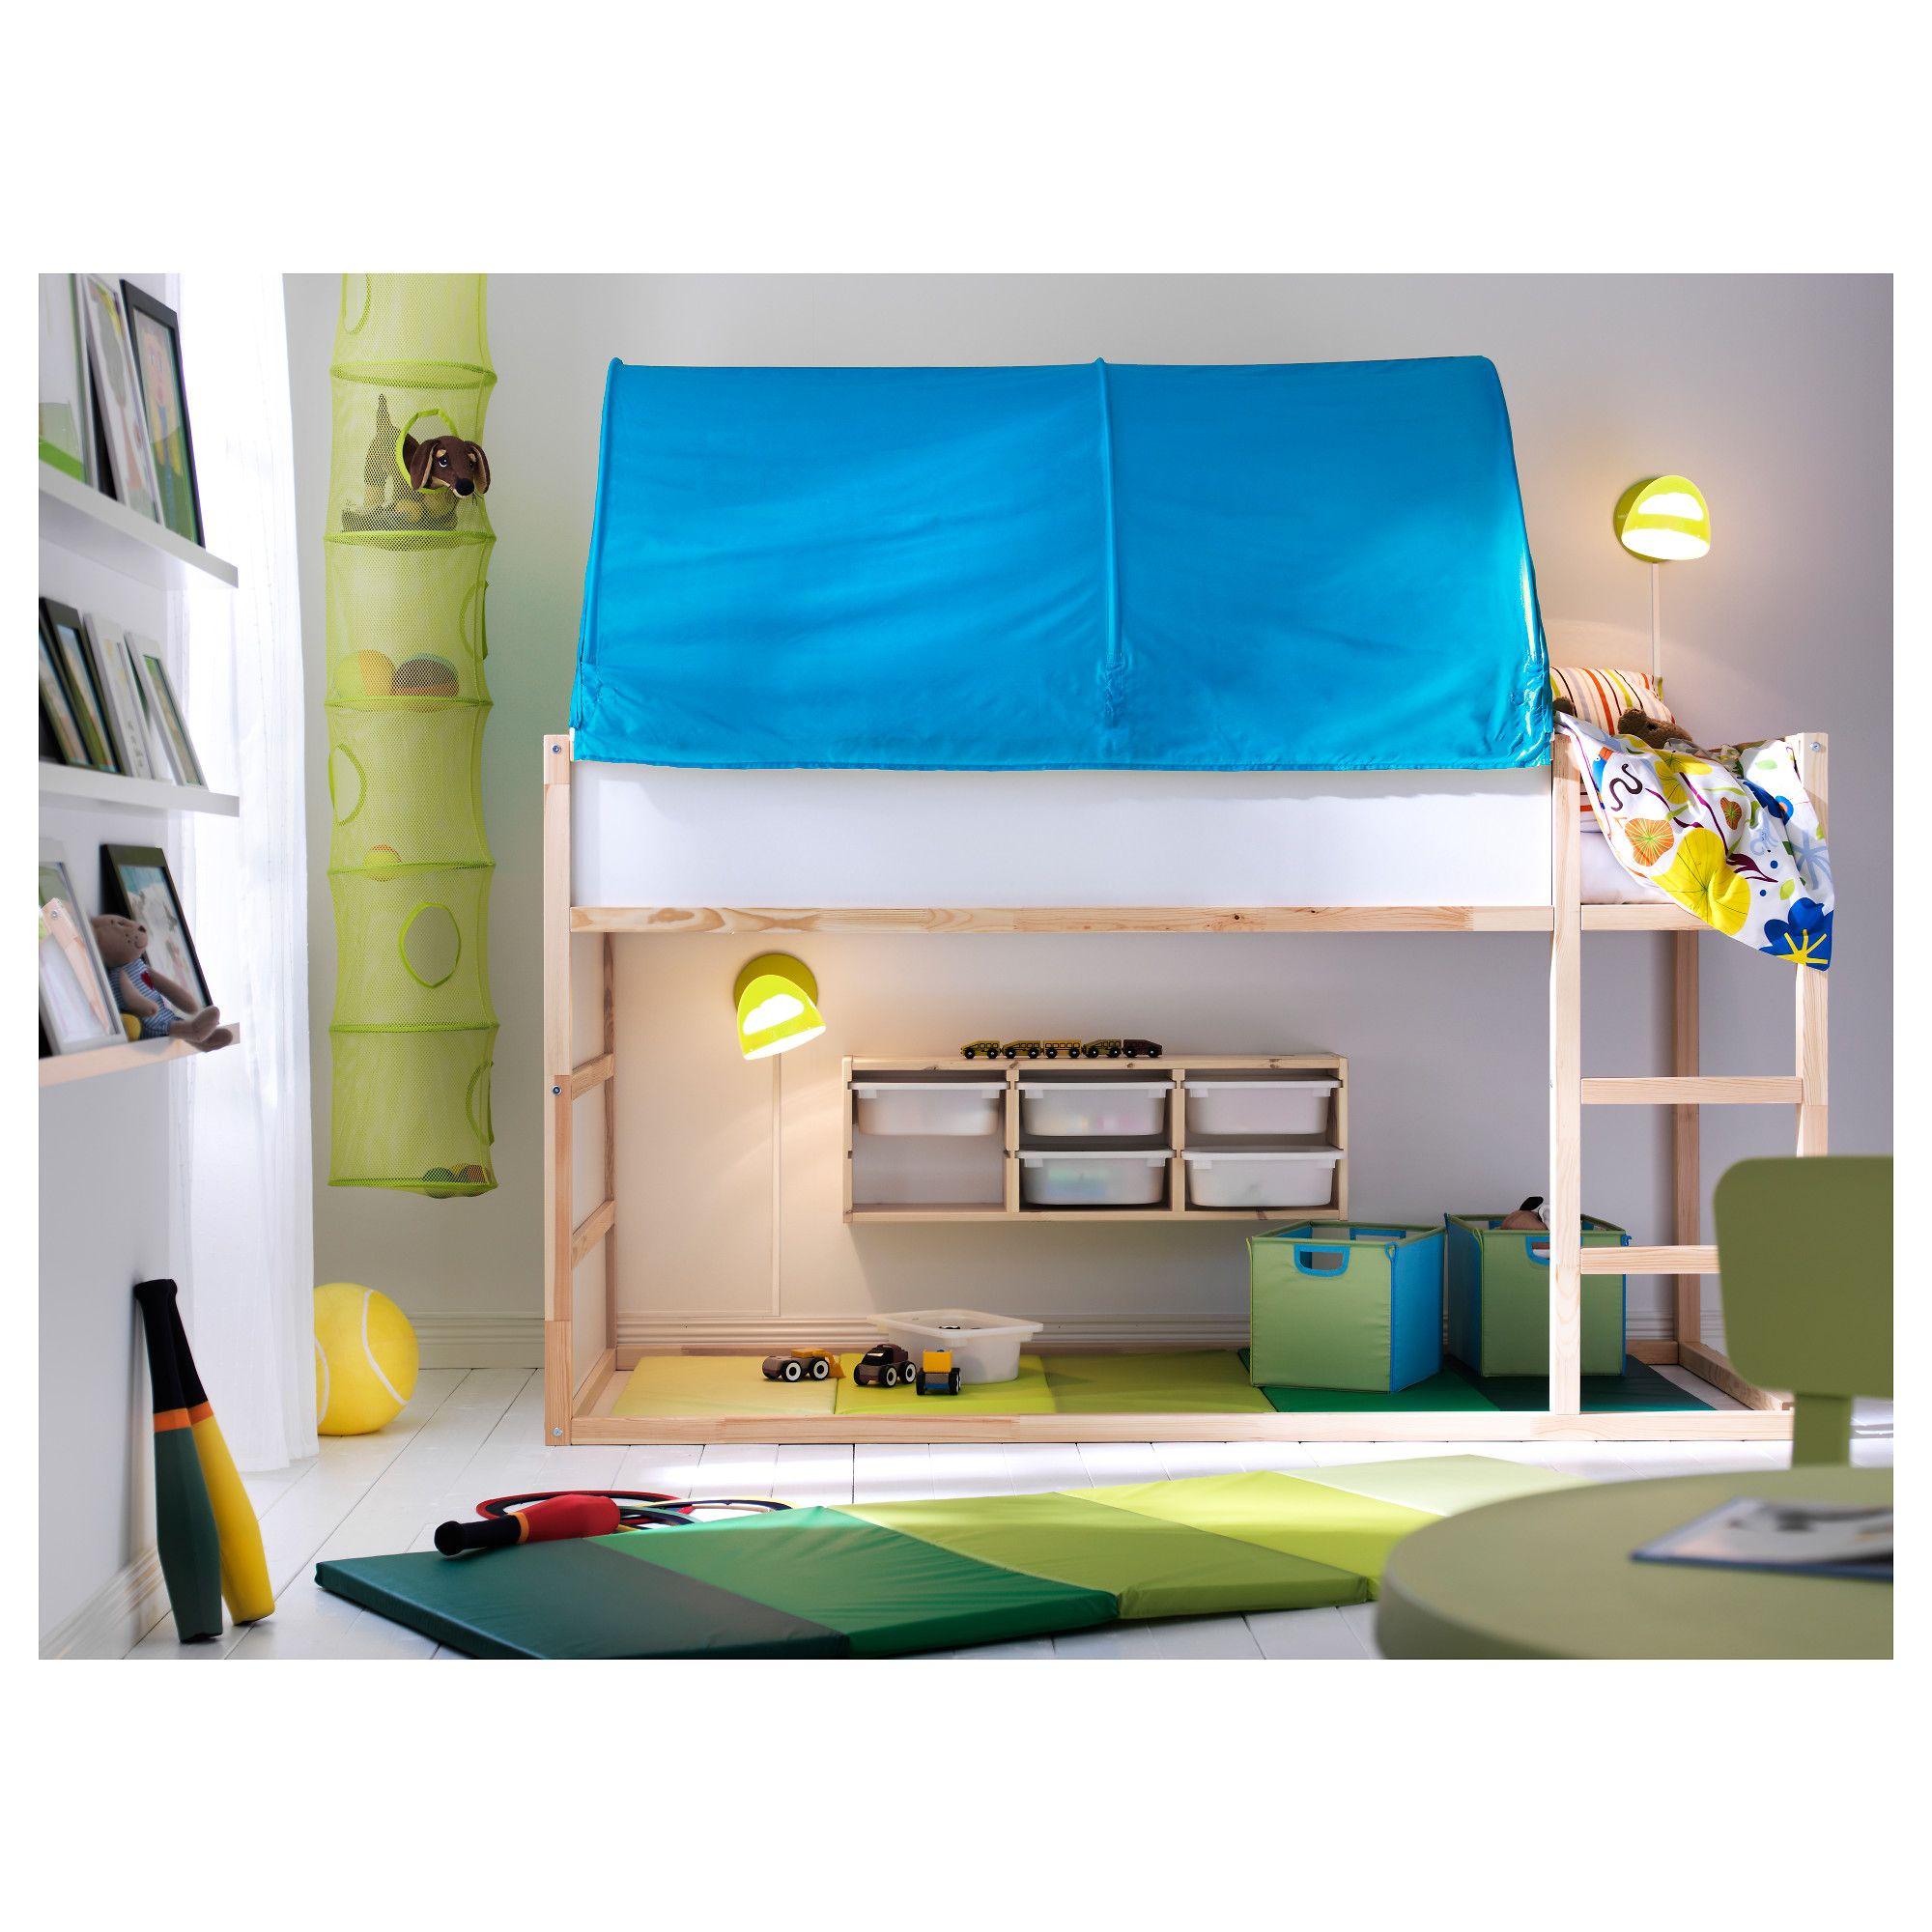 Kura Reversible Bed White Pine Twin Ikea In 2020 Small Kids Bedroom Bed Tent Ikea Kura Bed